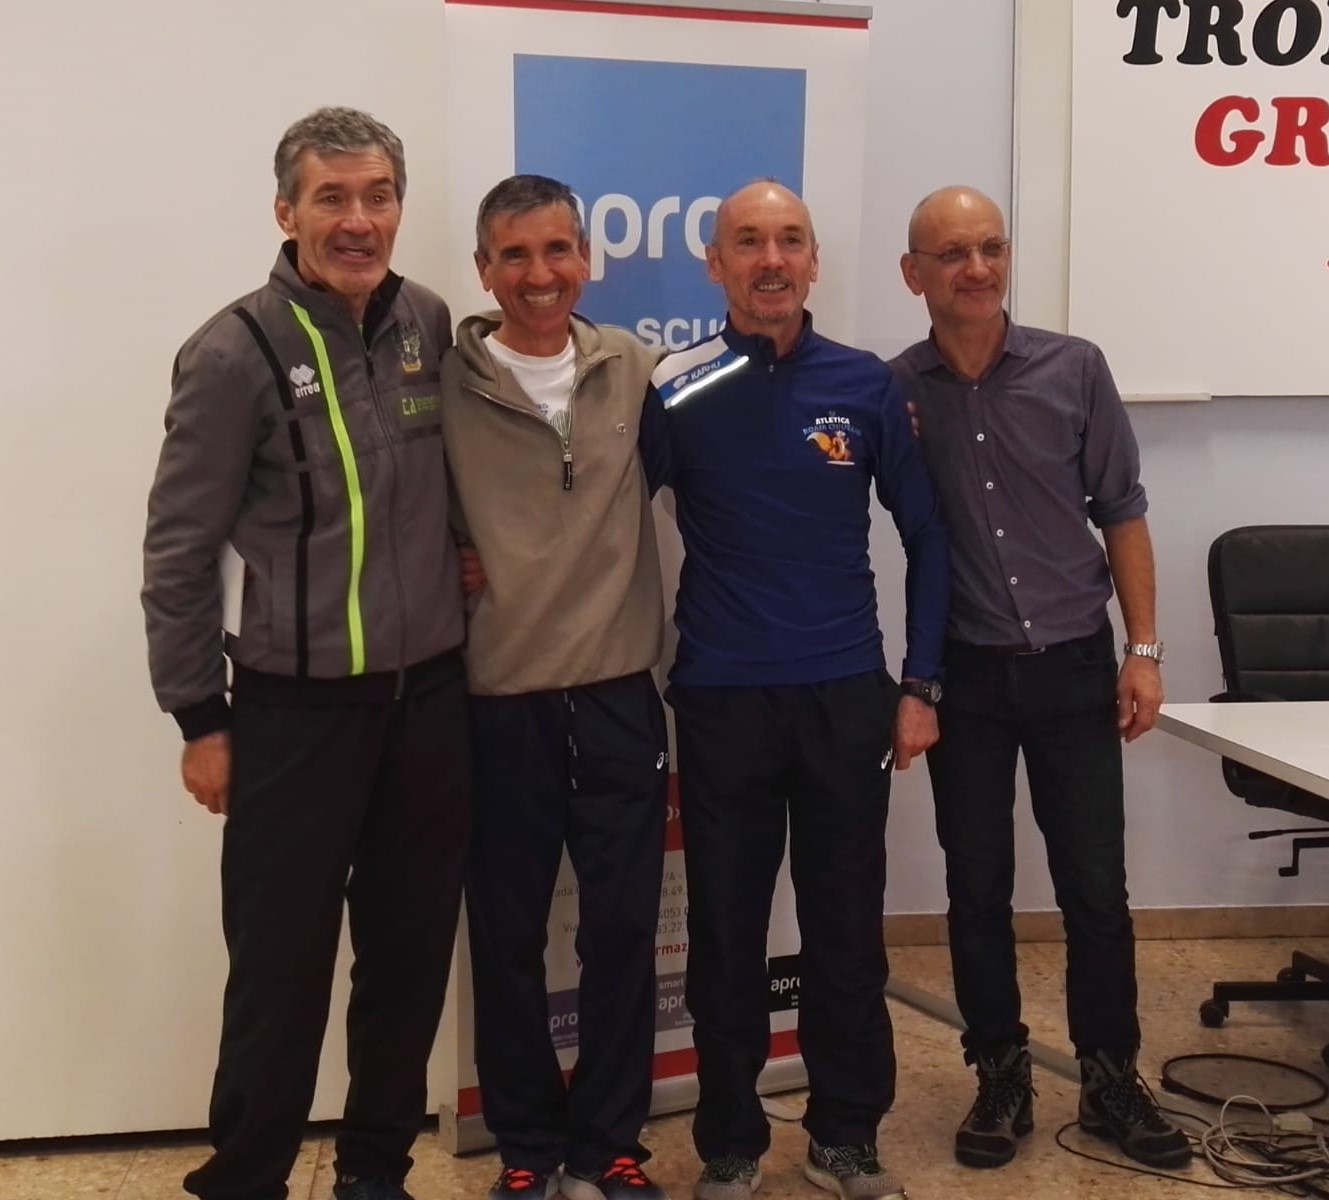 Atletica: bene il Roata Chiusani ad Alba, Pinerolo e Loano - IdeaWebTv